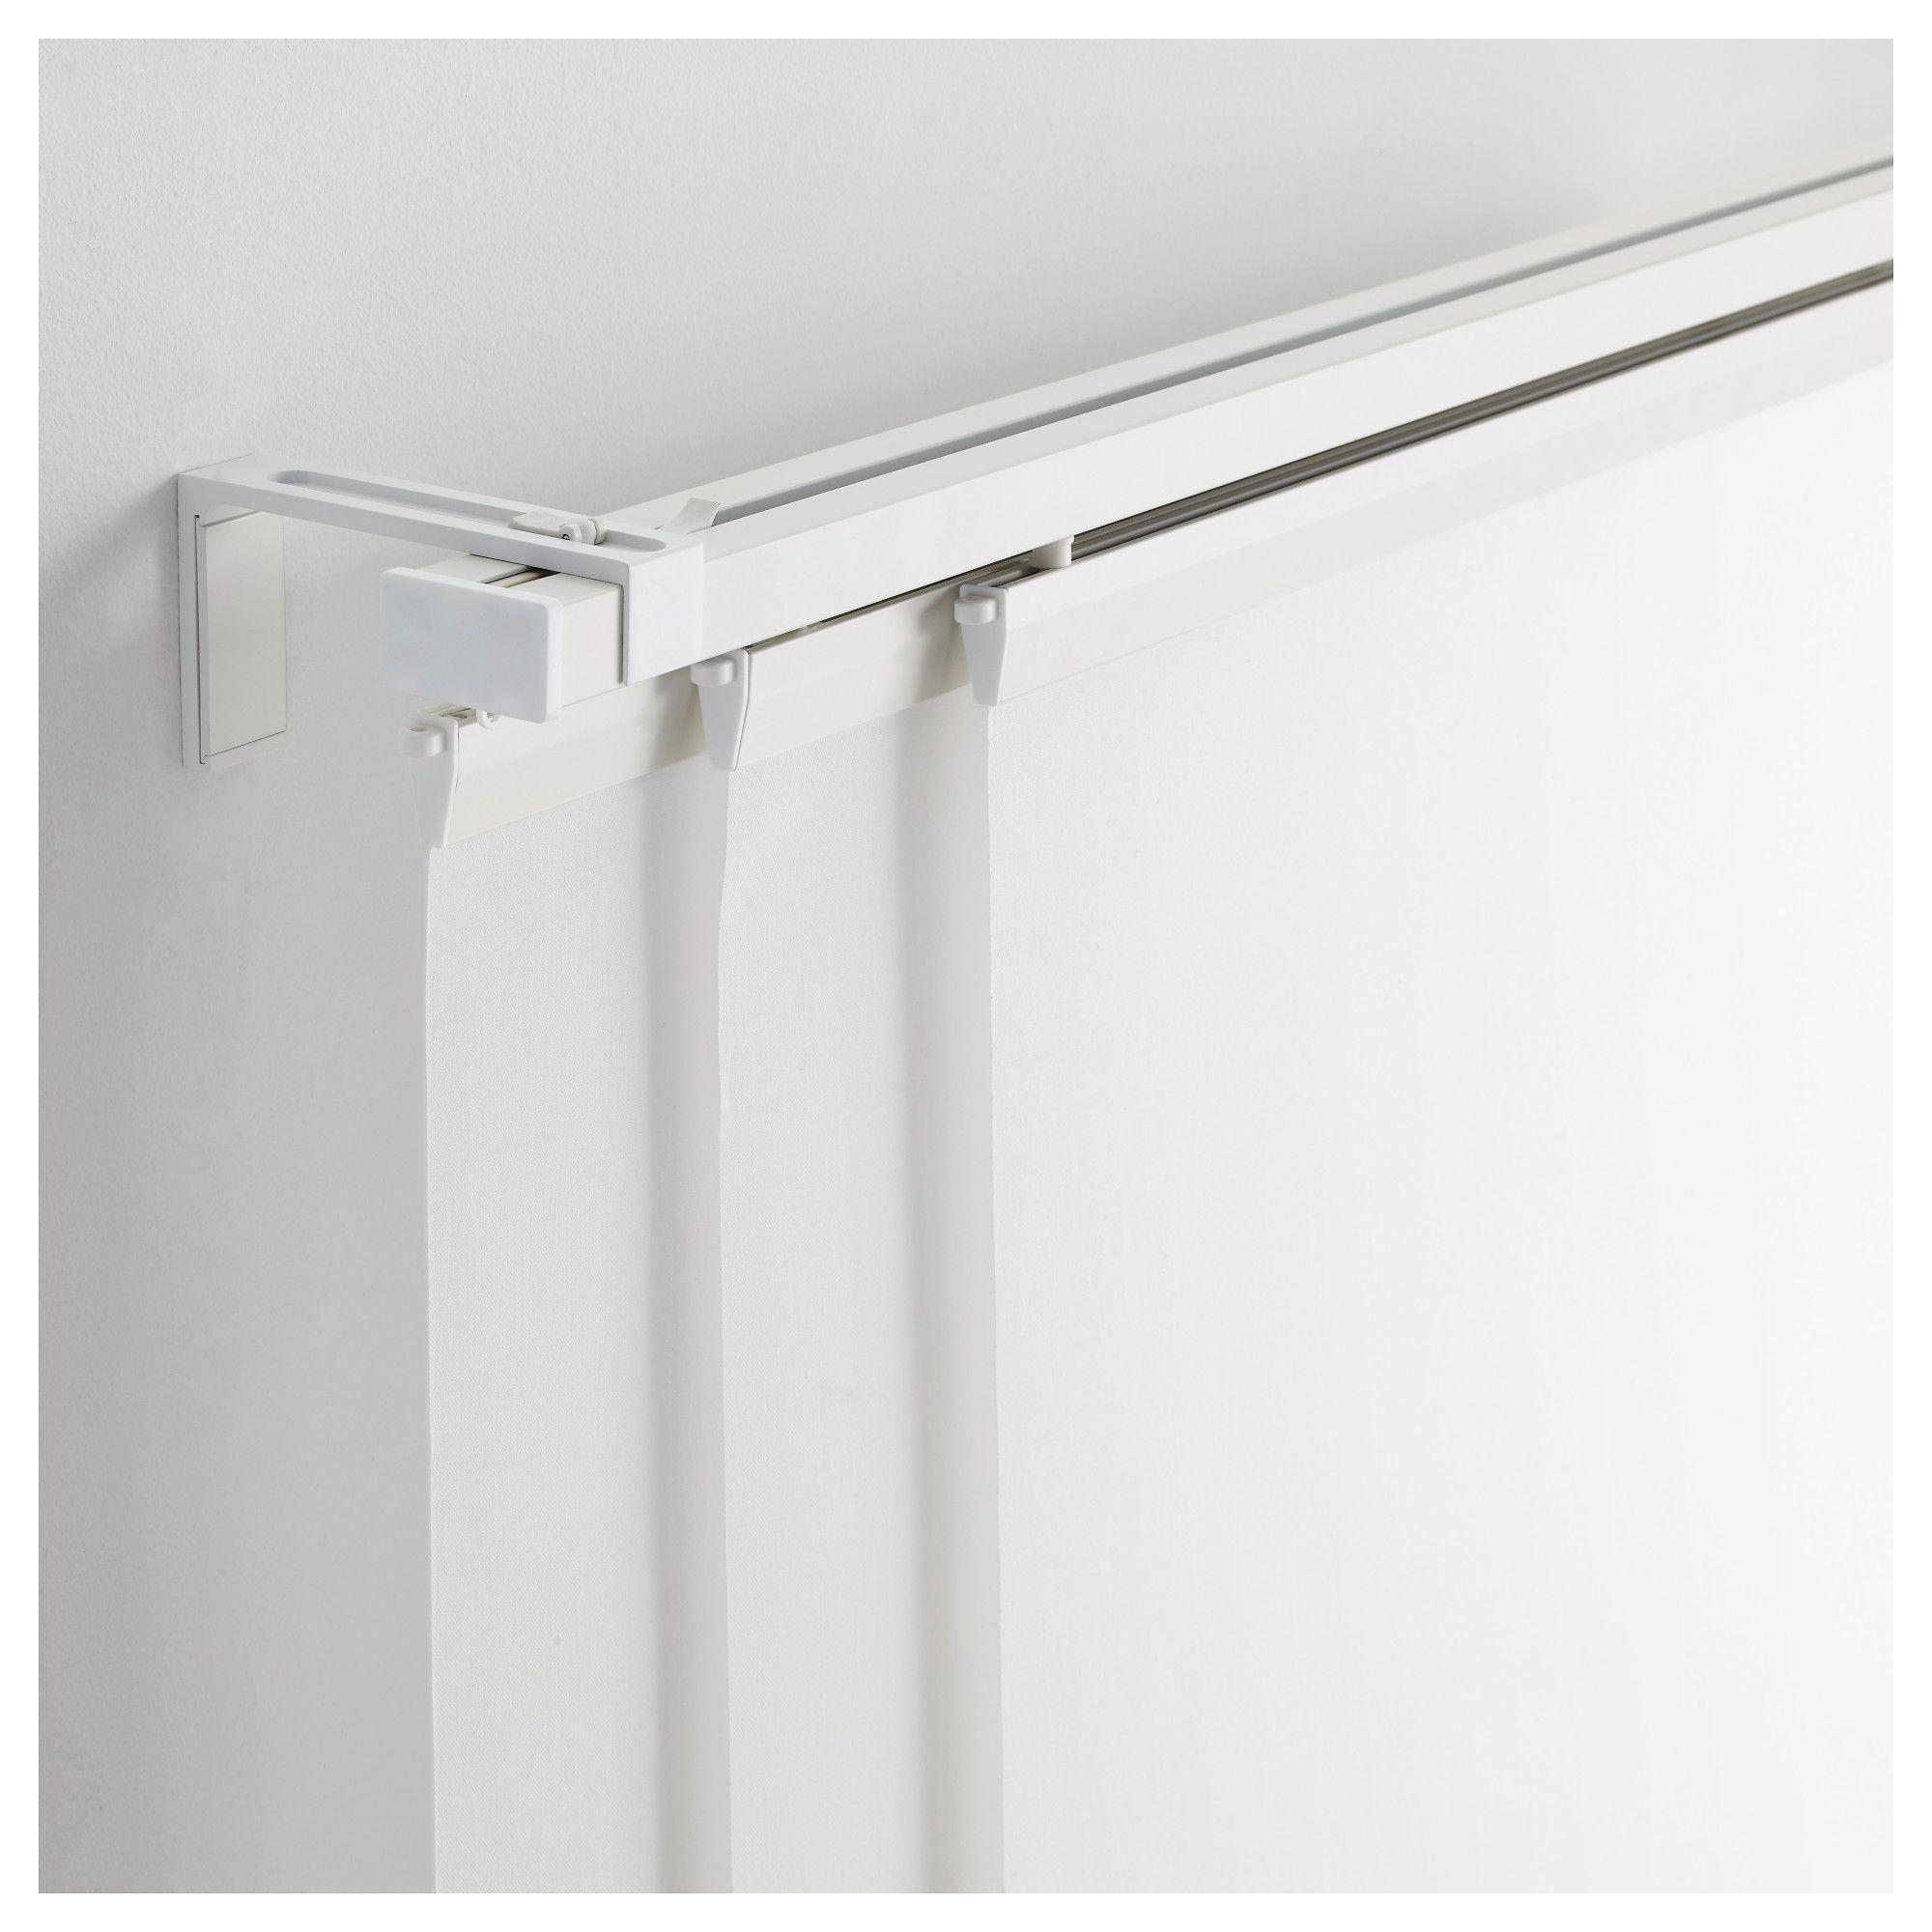 Vidga Rail Pour Rideau Triple Blanc 140 Cm Curtain Rails